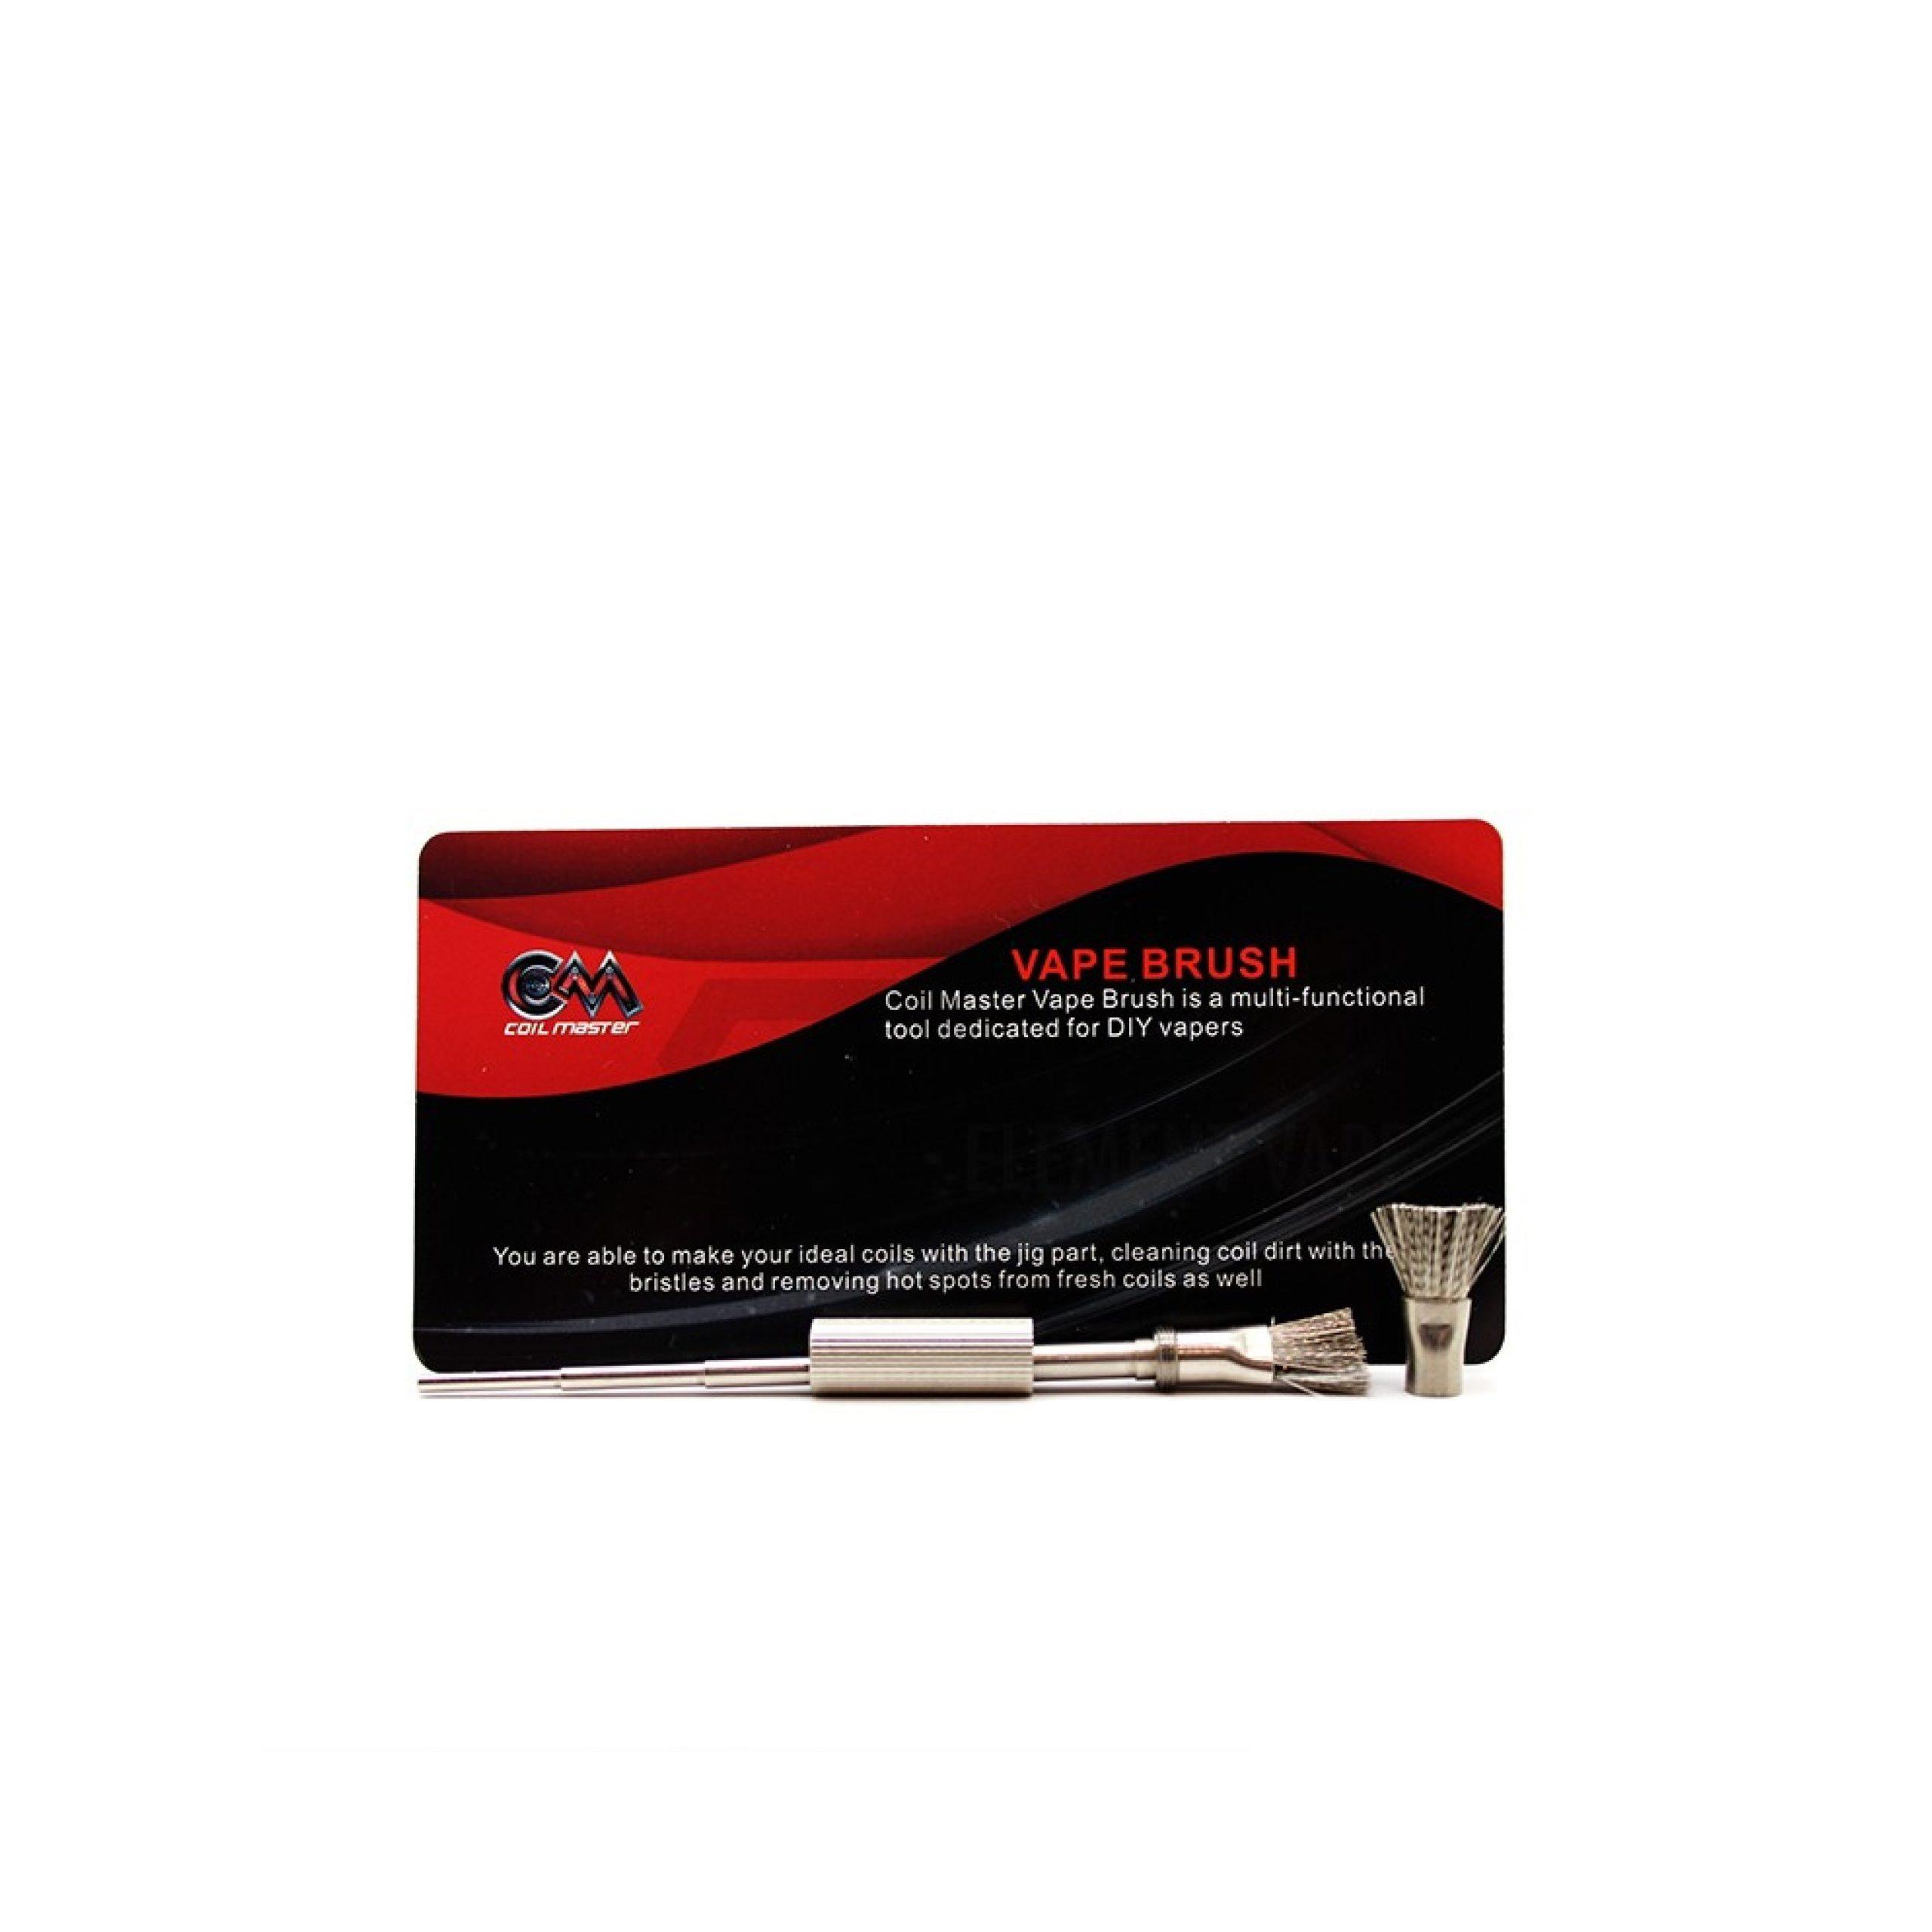 Met deze tool kunt u makkelijk uw coils draaien. Geschikt voor verschillende soorten draad en u kunt kiezen uit diverse diameters.